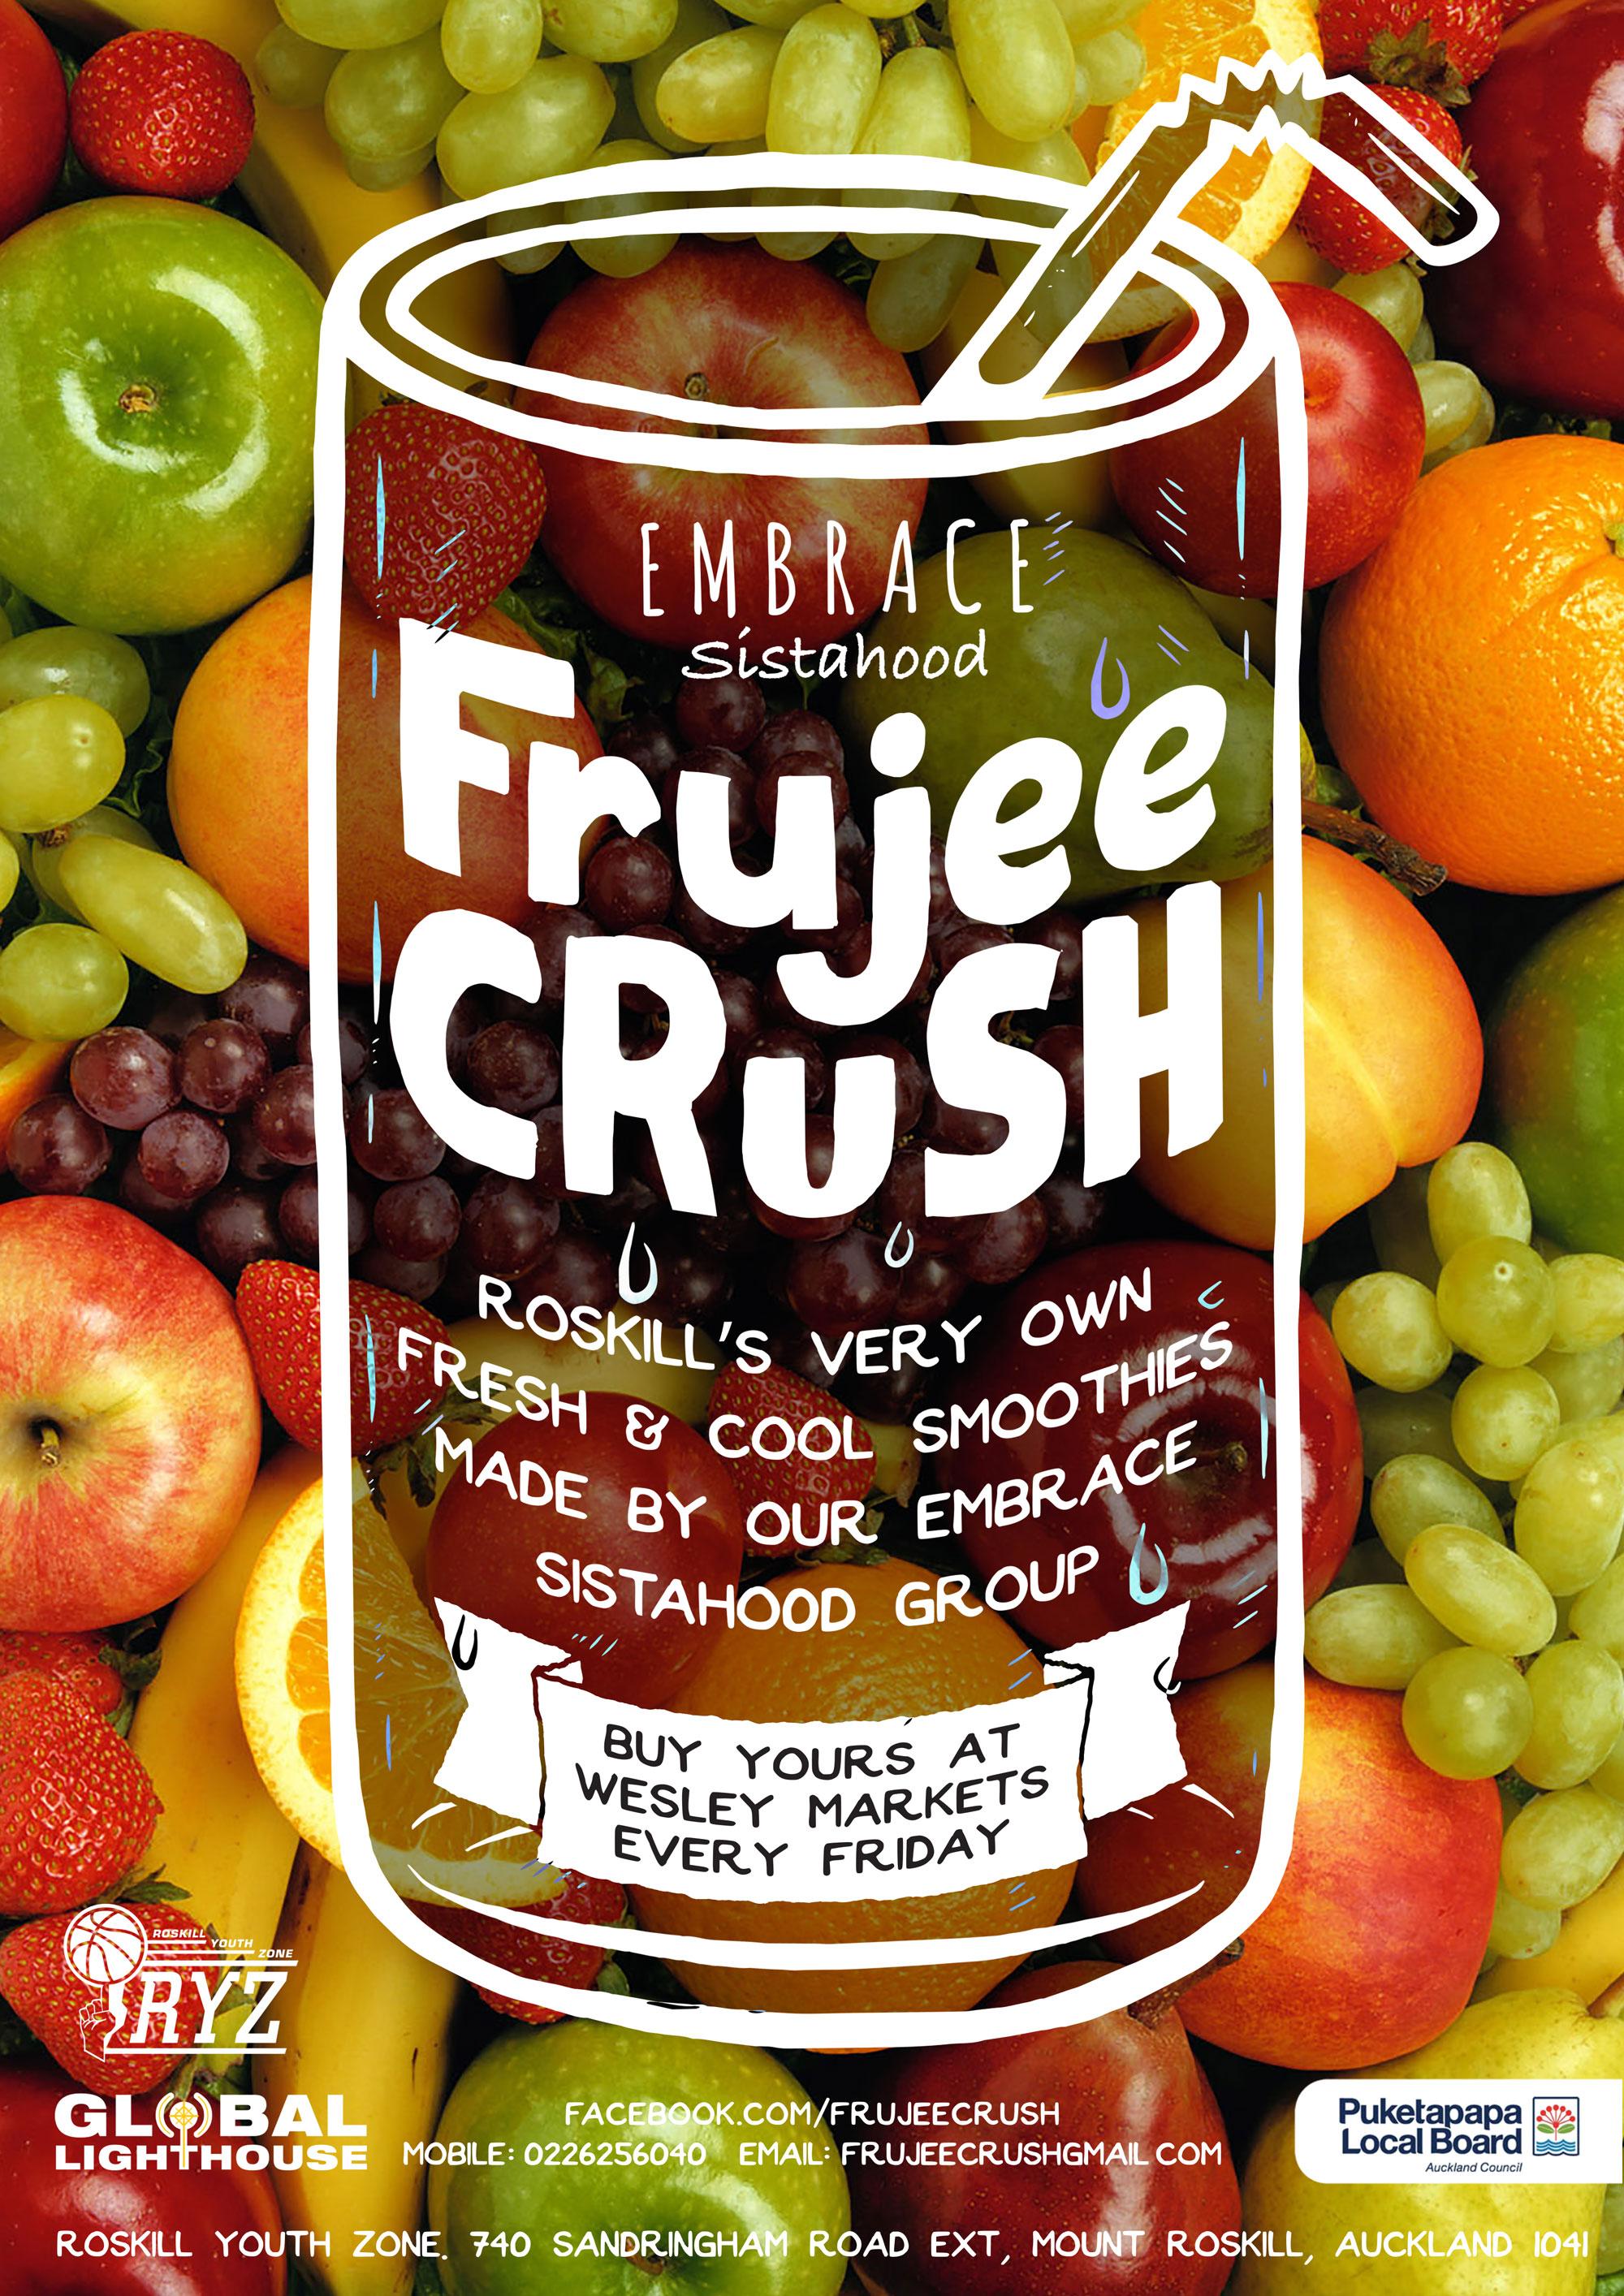 Frujee-CRUSH.jpg